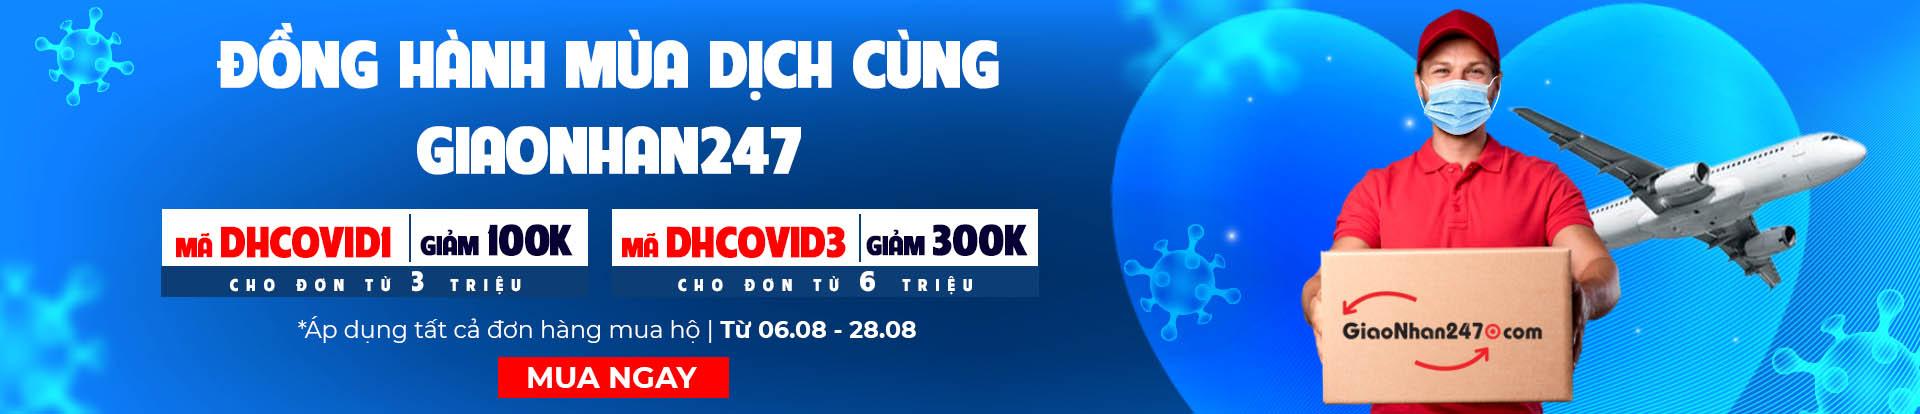 dong-hanh-mua-dich-cung-giaonhan247